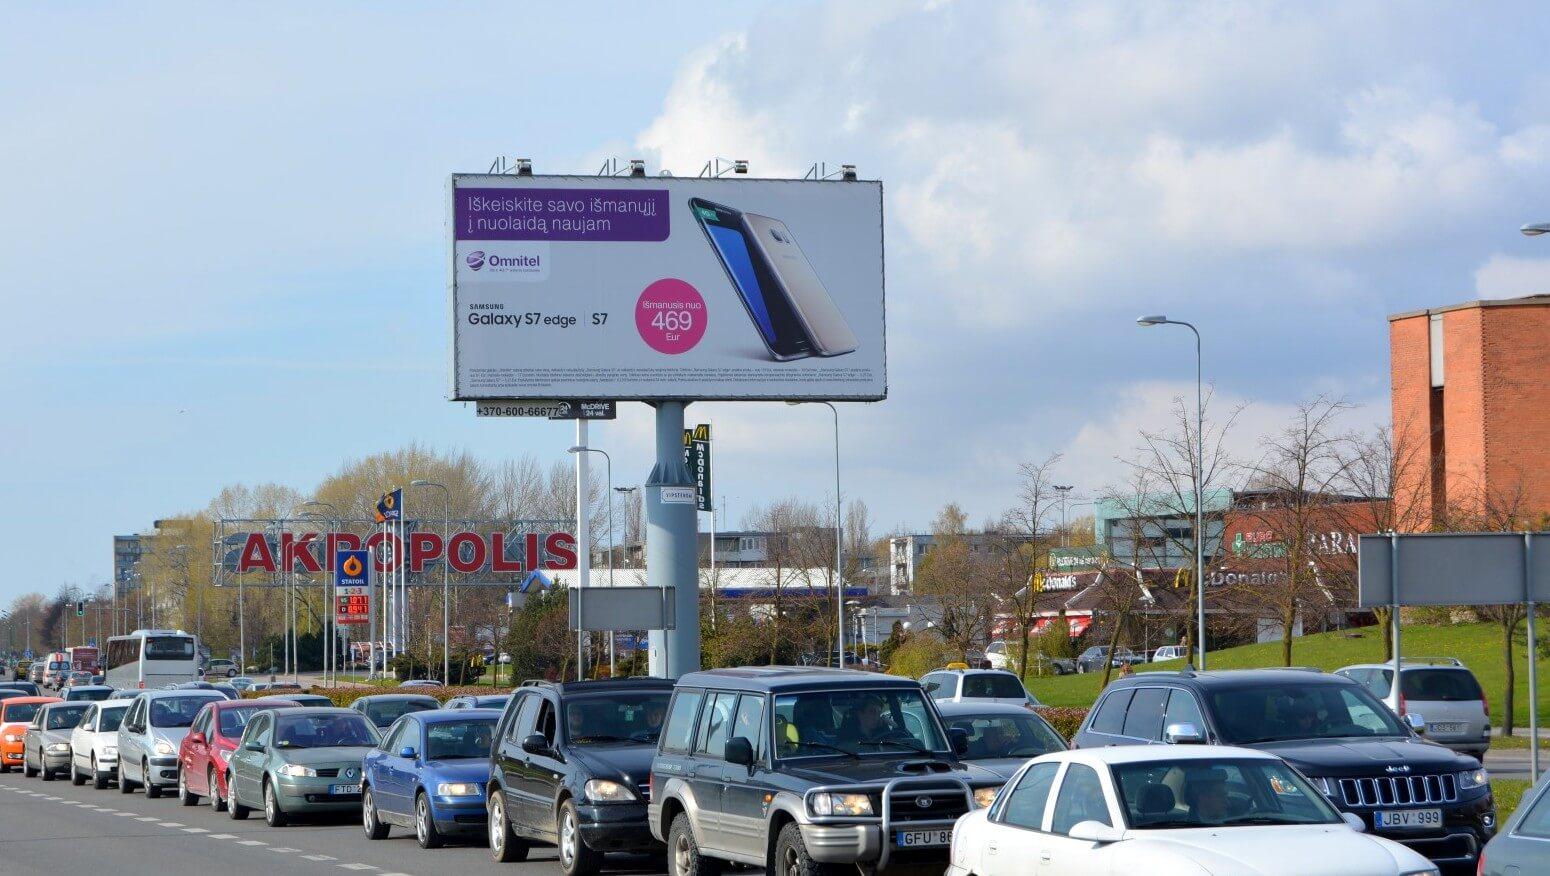 Reklaminiai stendai Klaipėdoje